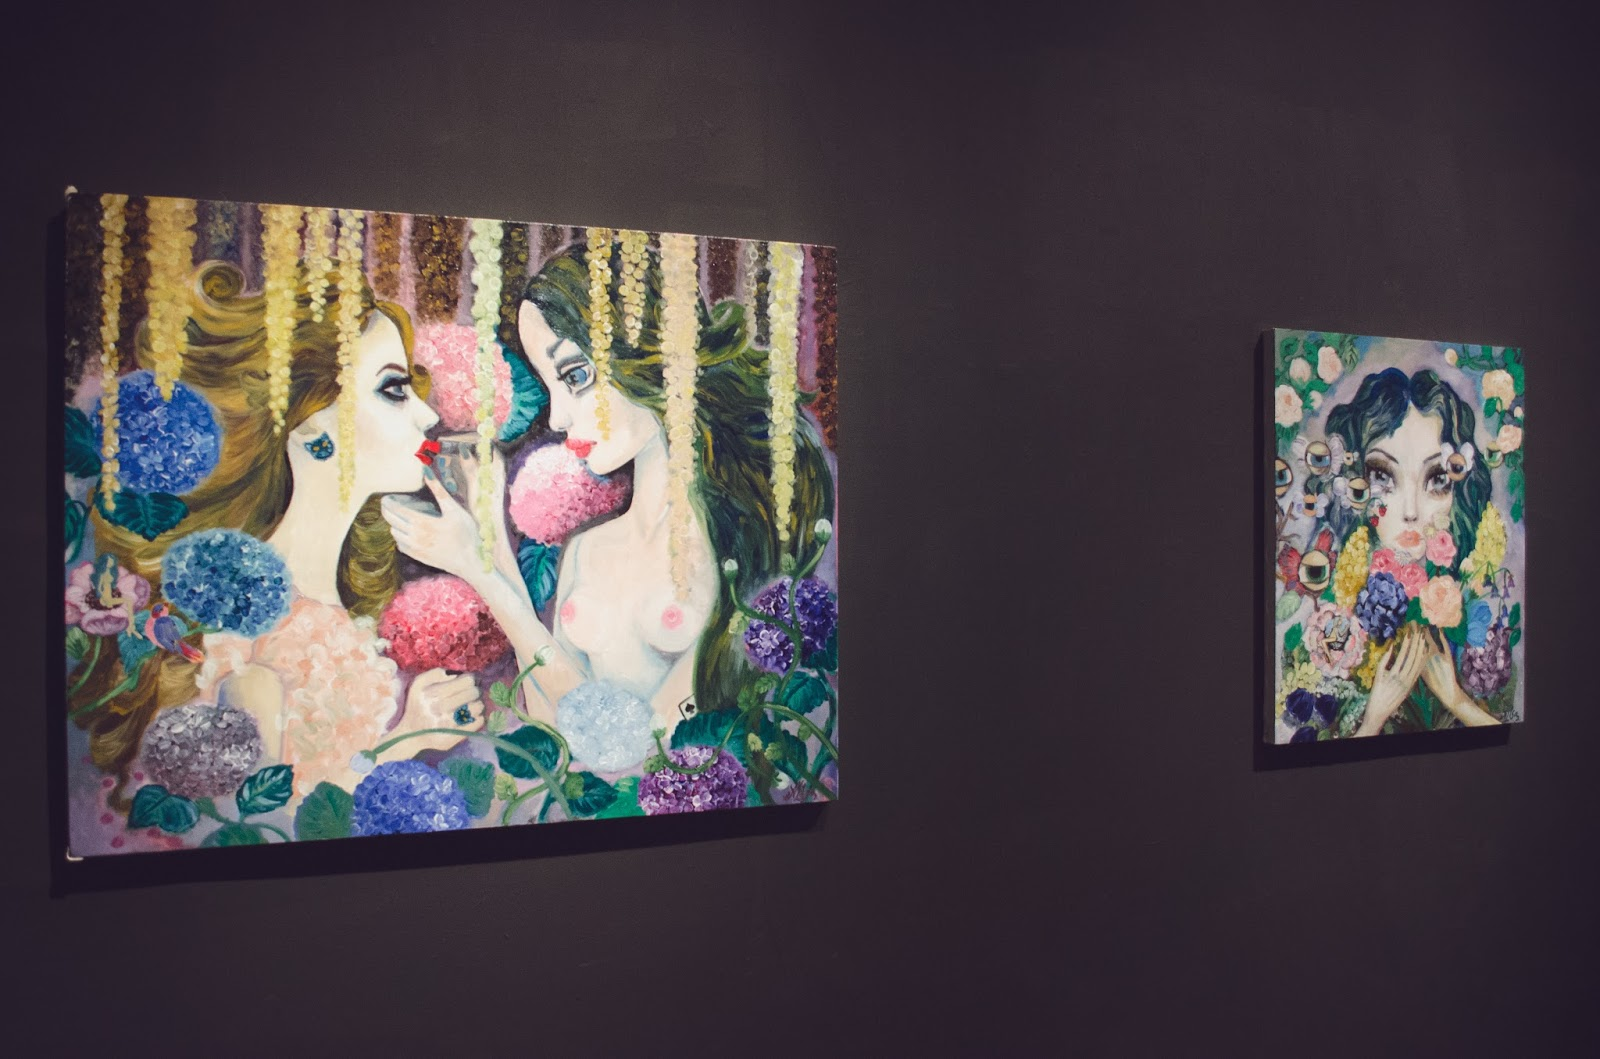 exposición de pintura Alisa Gromova